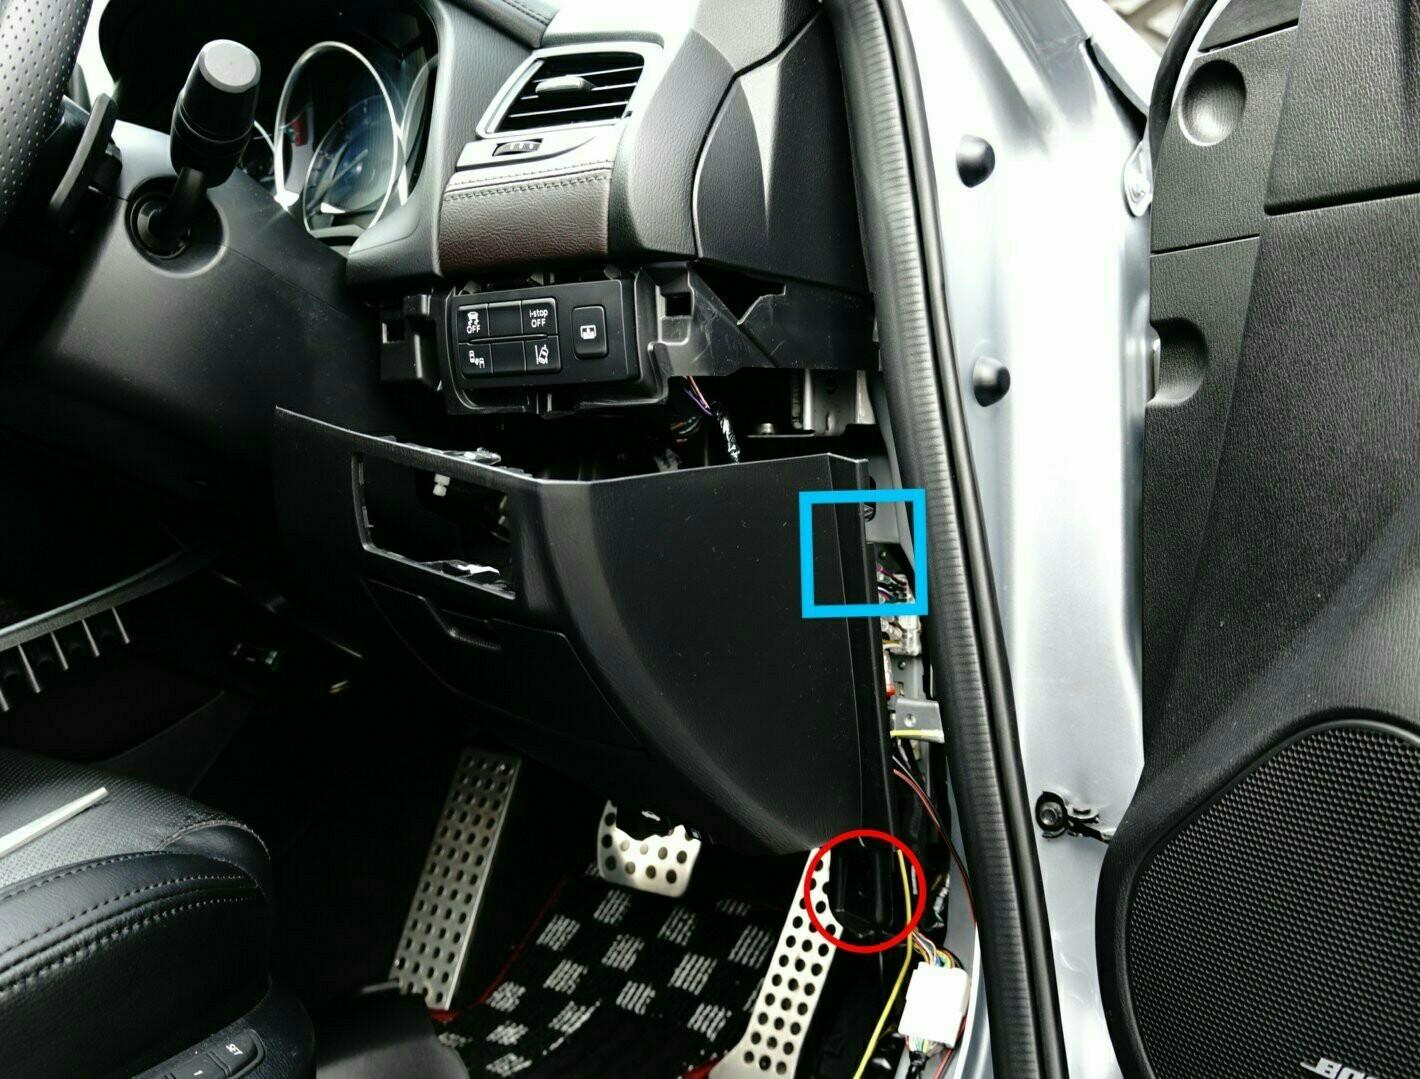 リアトレイにドライブレコーダー設置